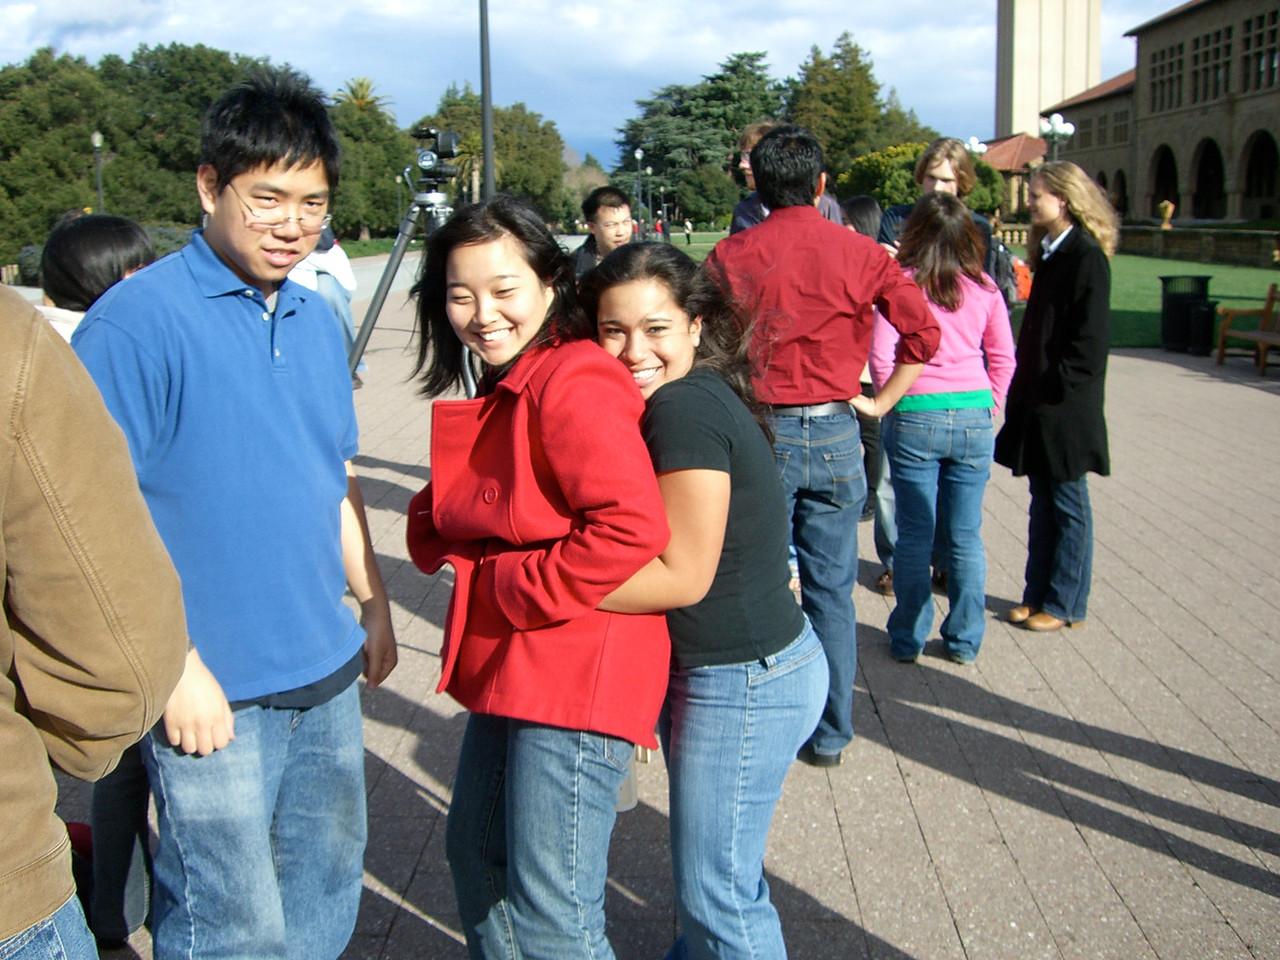 2006 03 12 Sun - David Chiang, Esther Kang, & Jennifer Evans